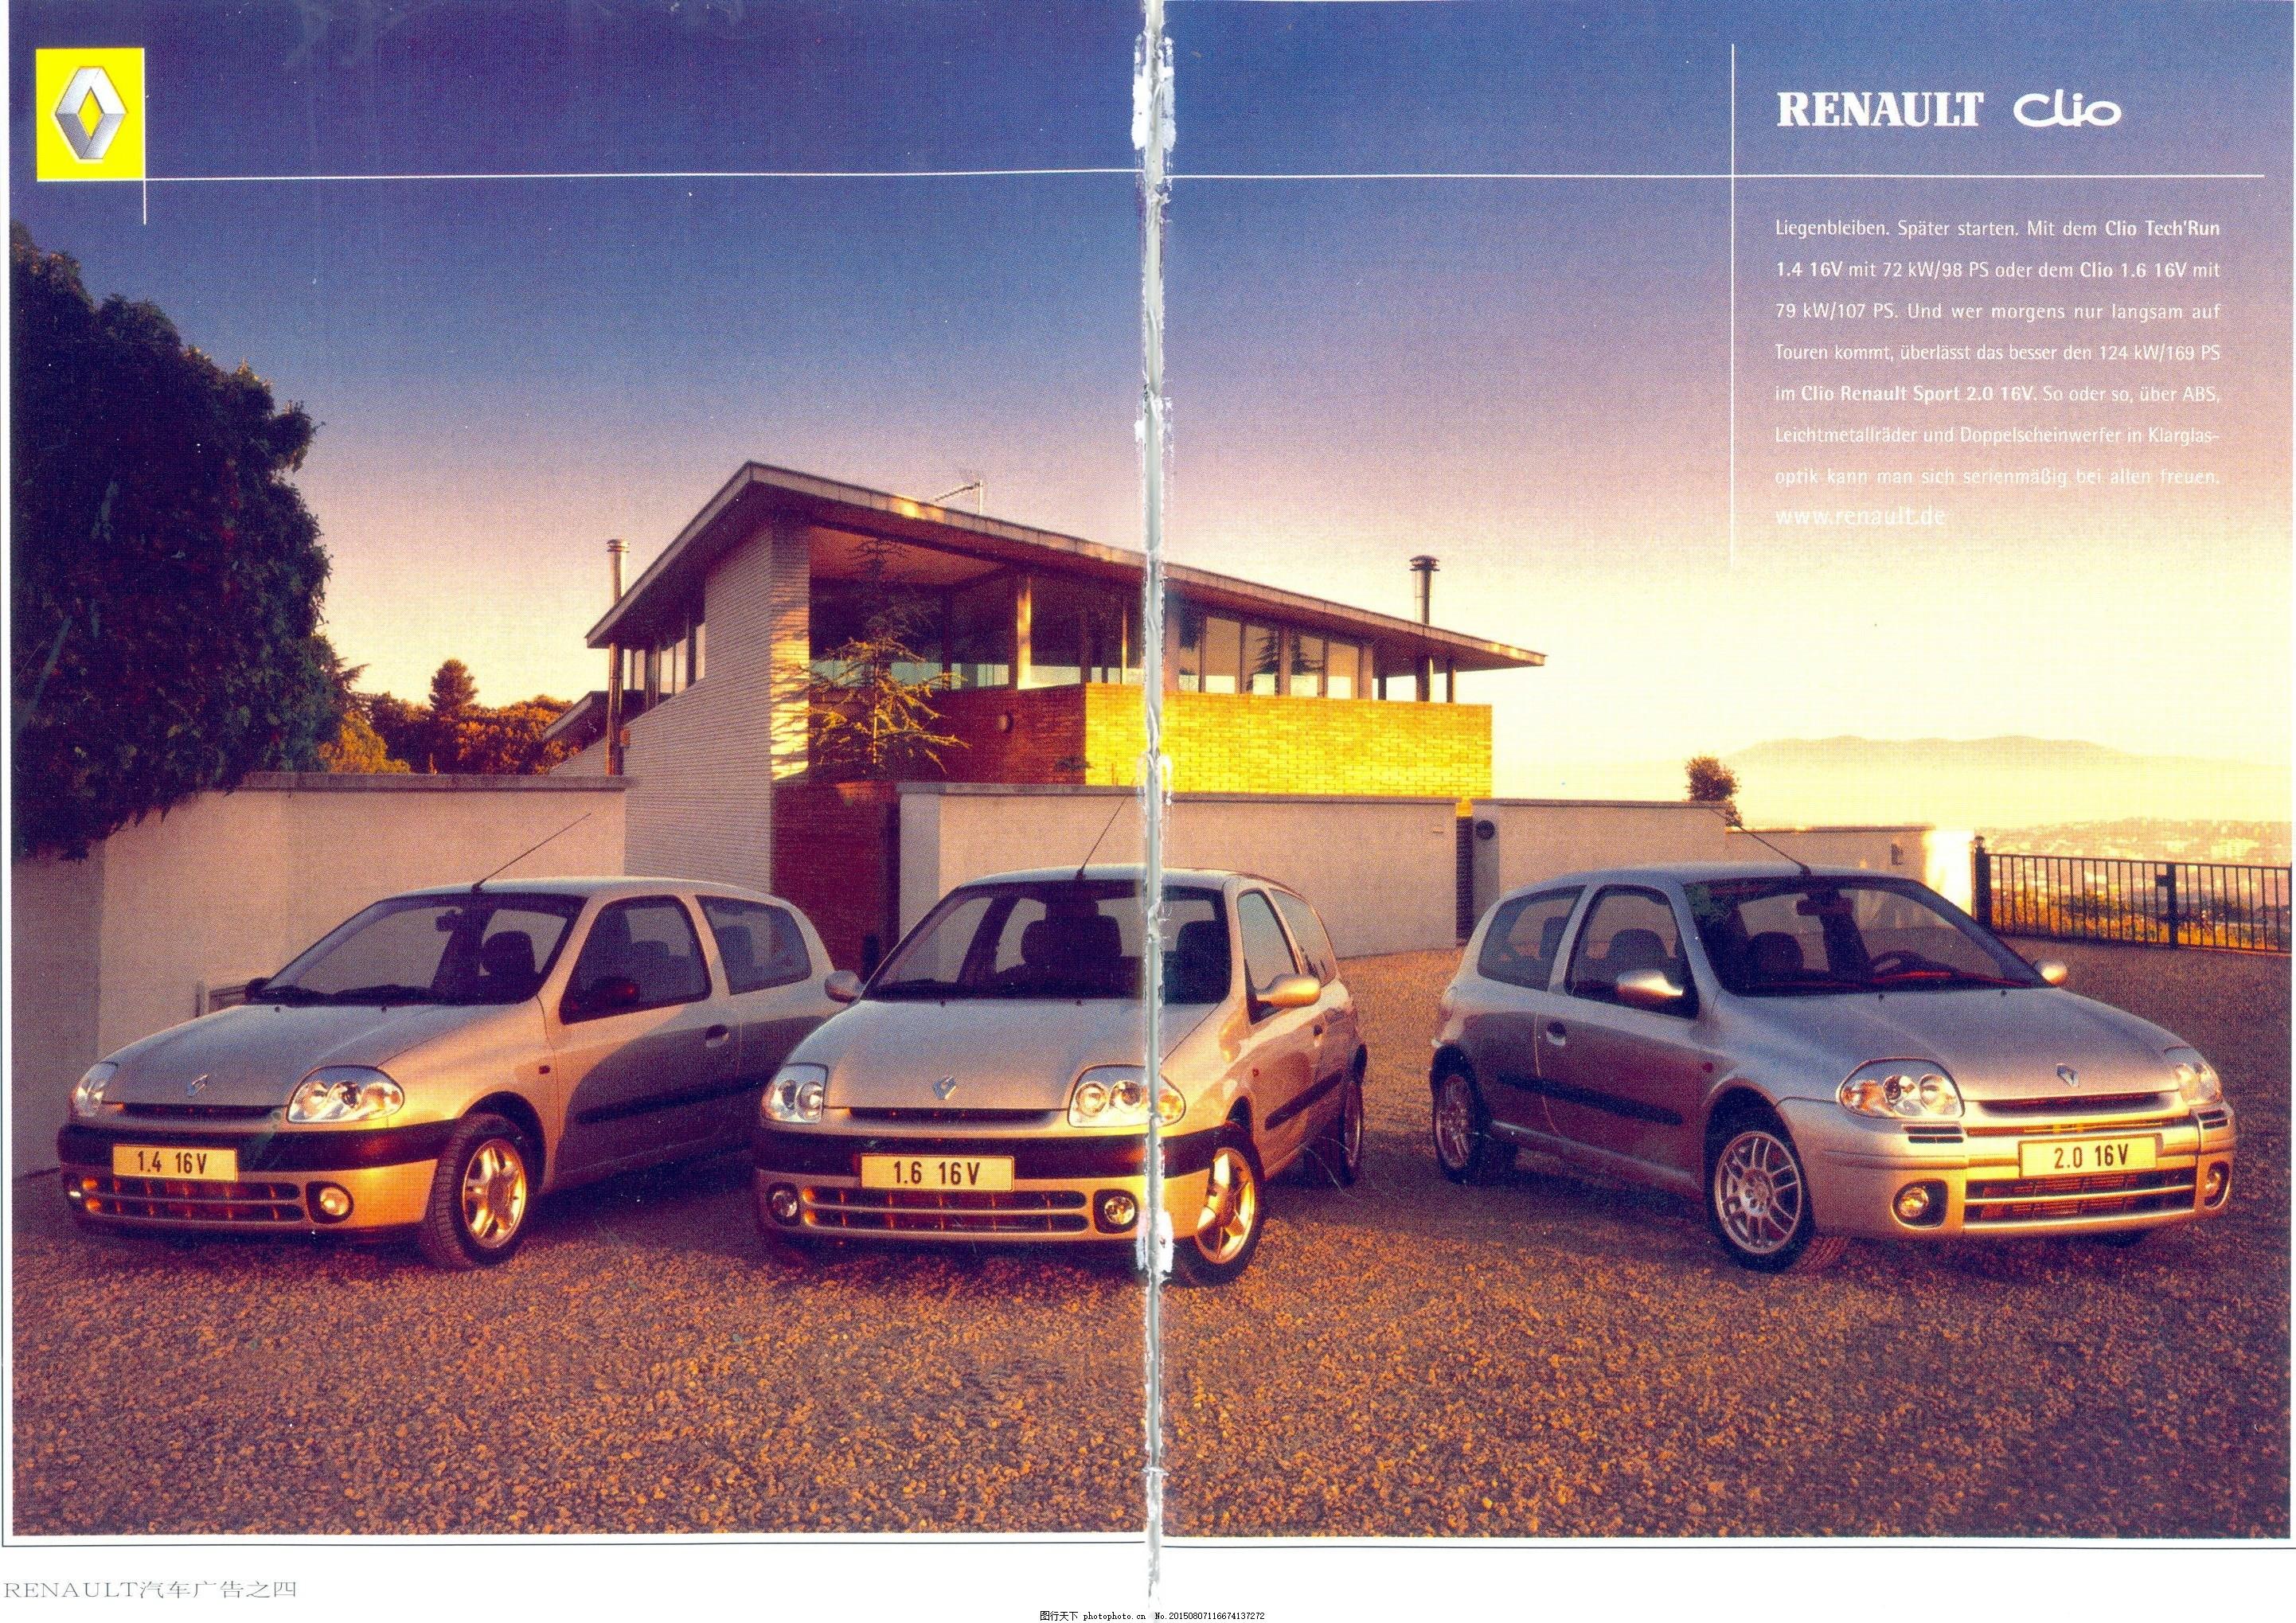 汽车摩托车广告_0096 设计素材 平面创意 平面设计 白色图片